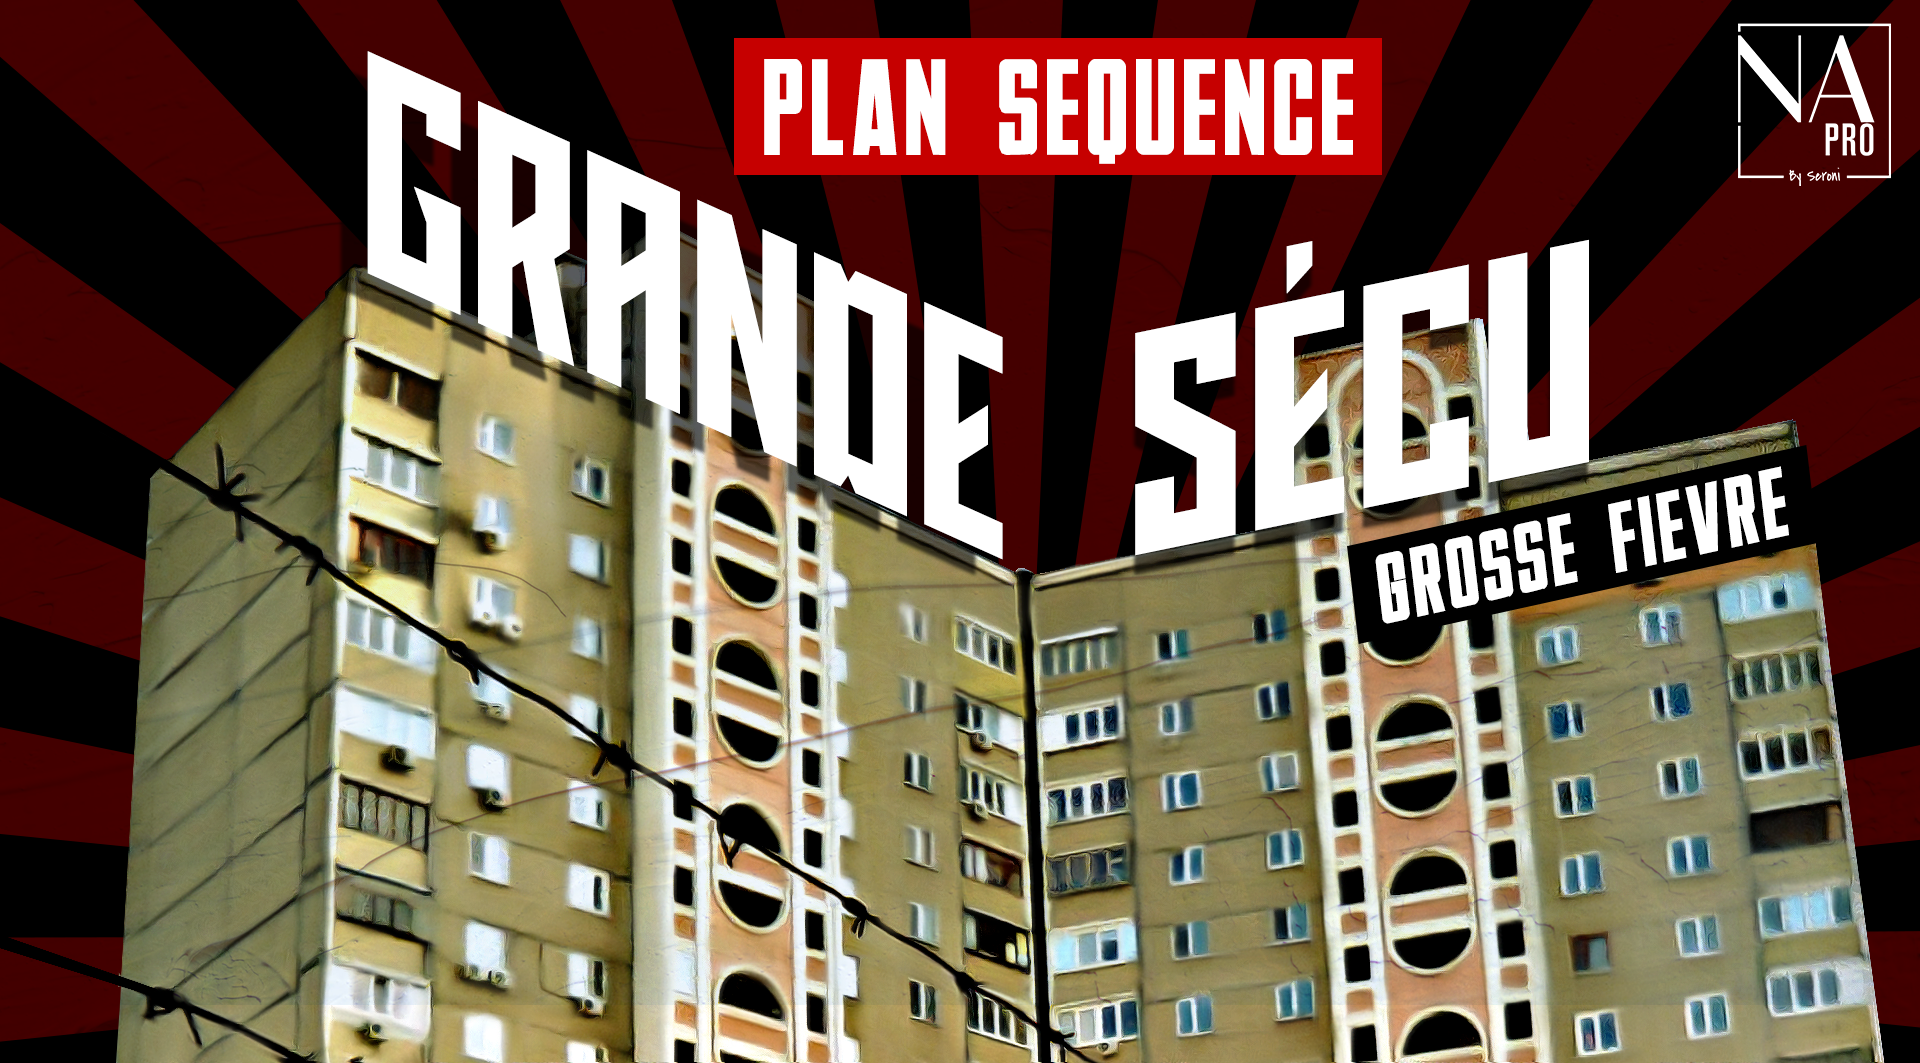 Plan séquence - Grande Sécu, grosse fièvre